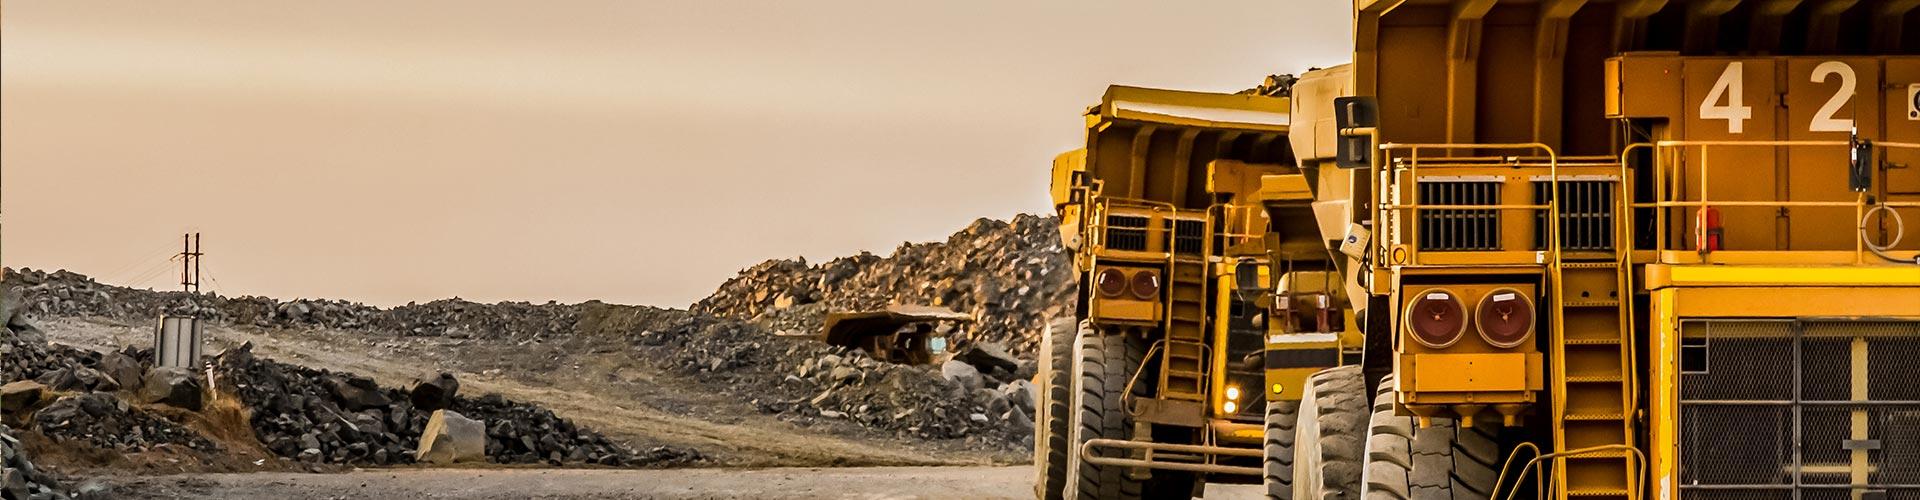 Saiba como você pode fazer o Controle de Nível em tanques de distribuição de minérios